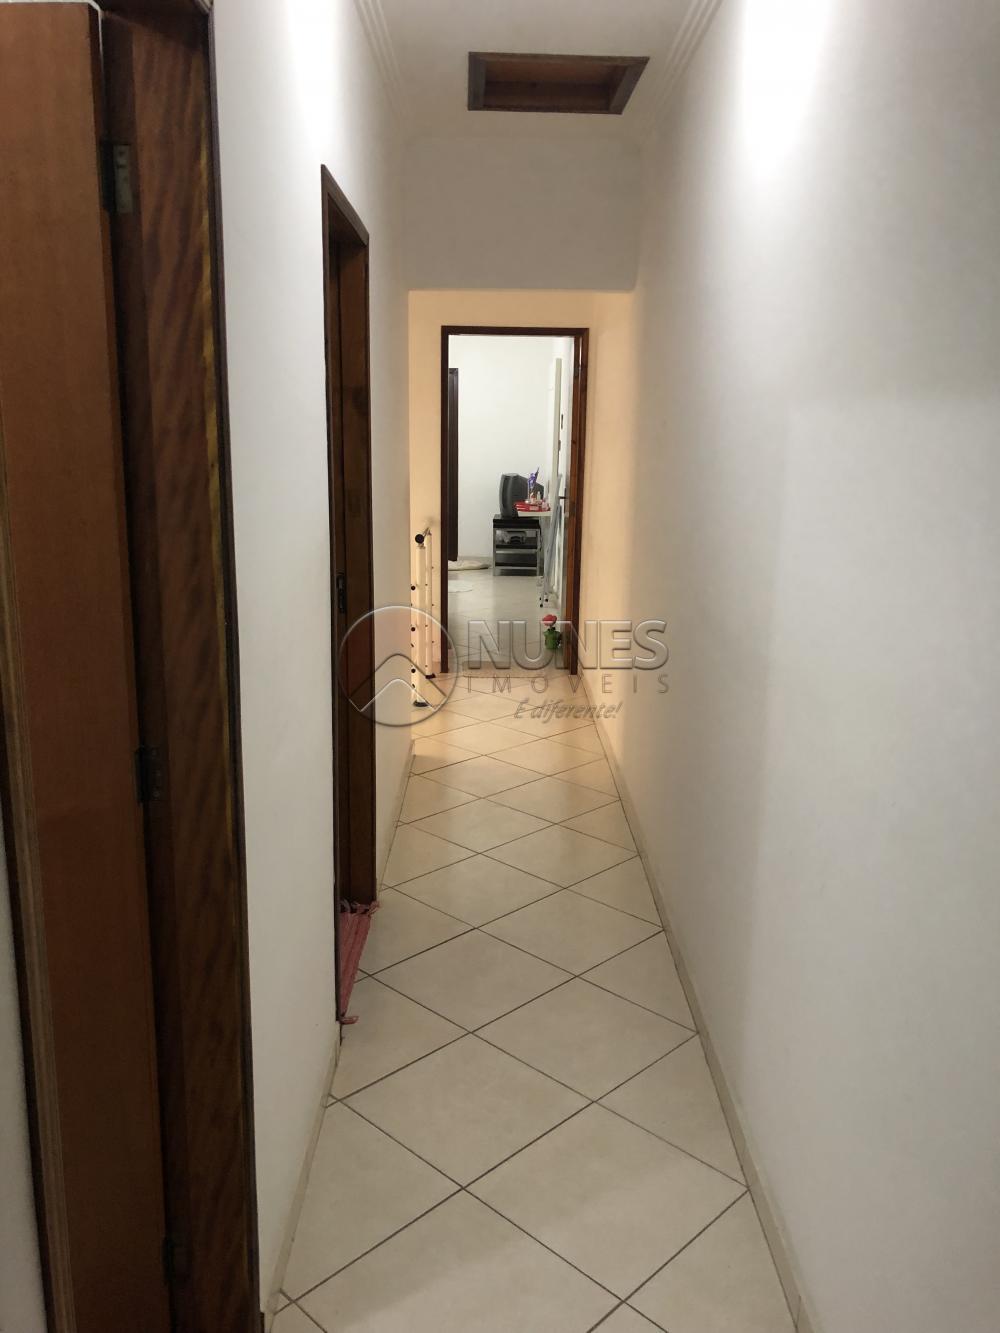 Alugar Casa / Sobrado em Carapicuíba apenas R$ 1.800,00 - Foto 19